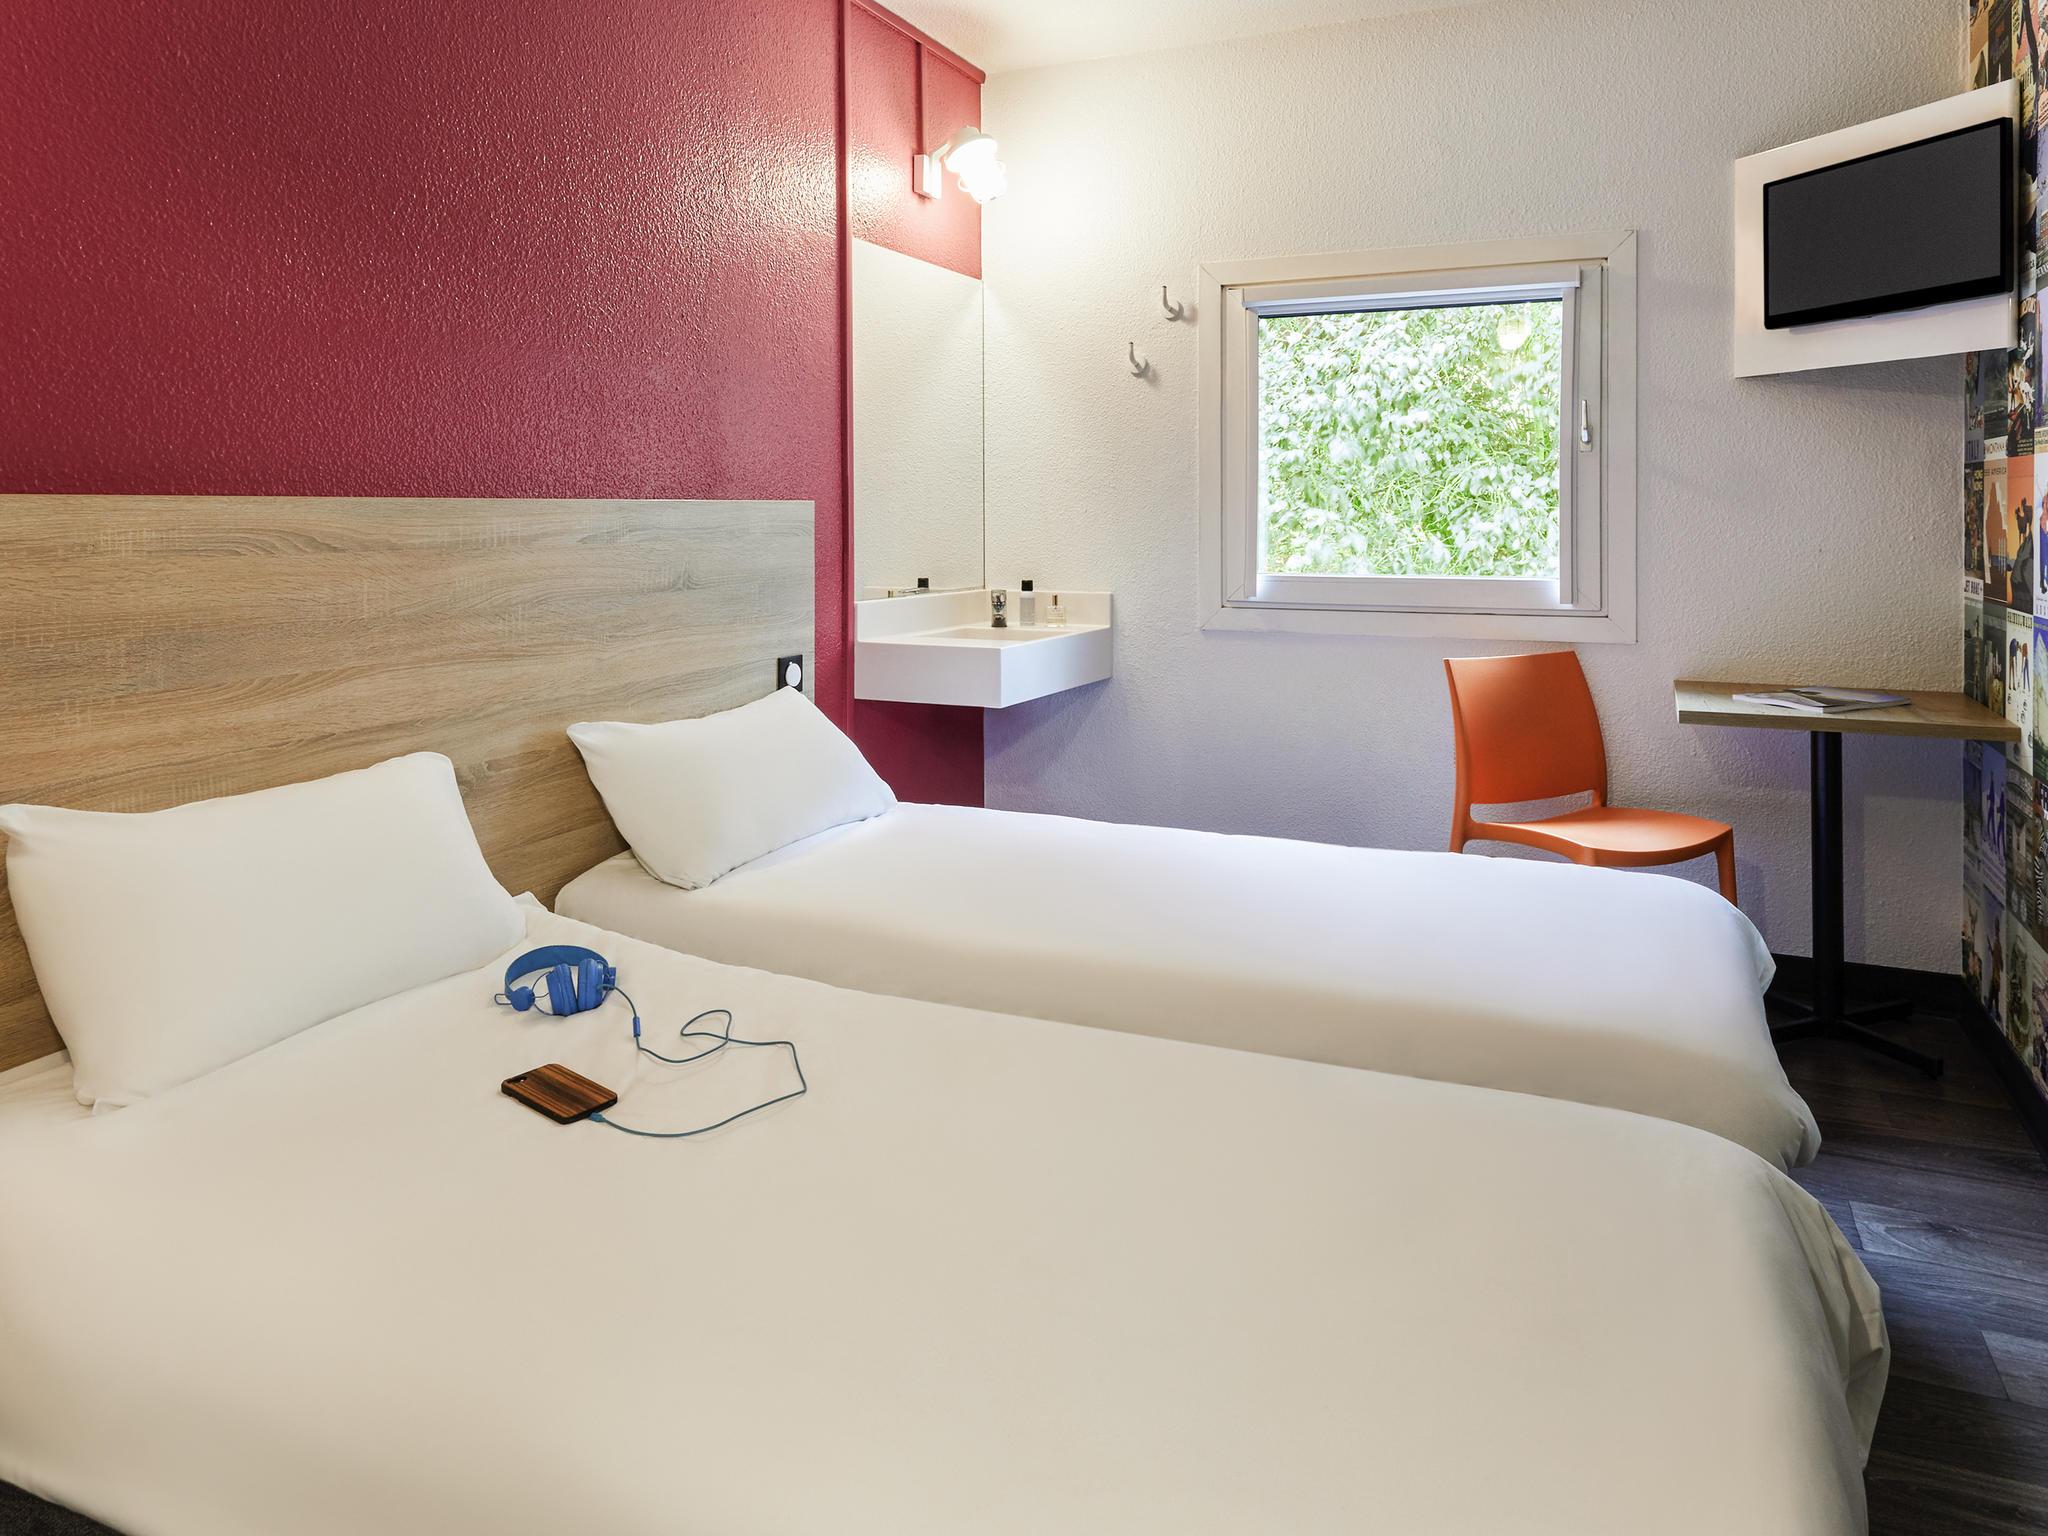 فندق - hotelF1 Rungis Orly (rénové)